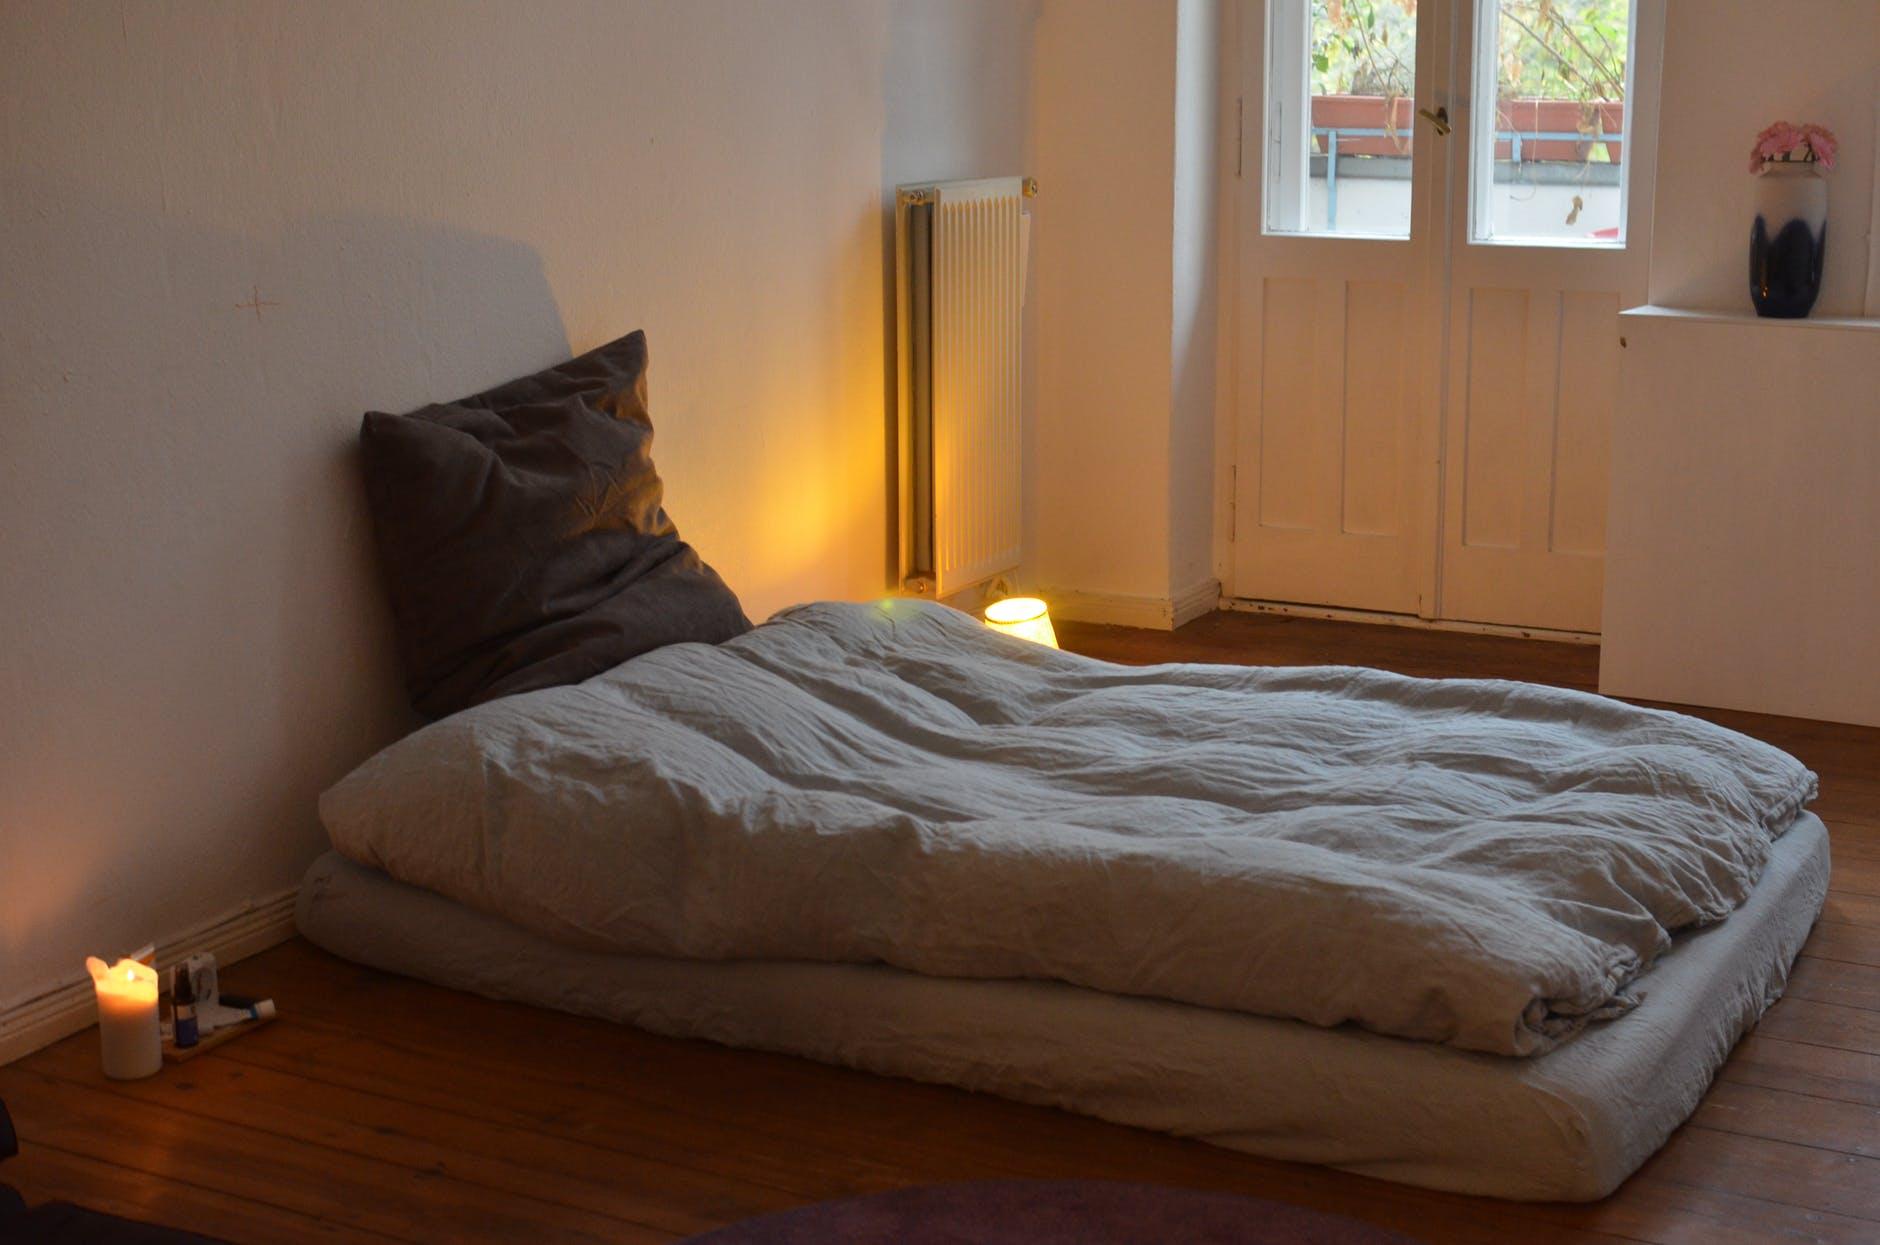 Cambia el colchón de tu habitación